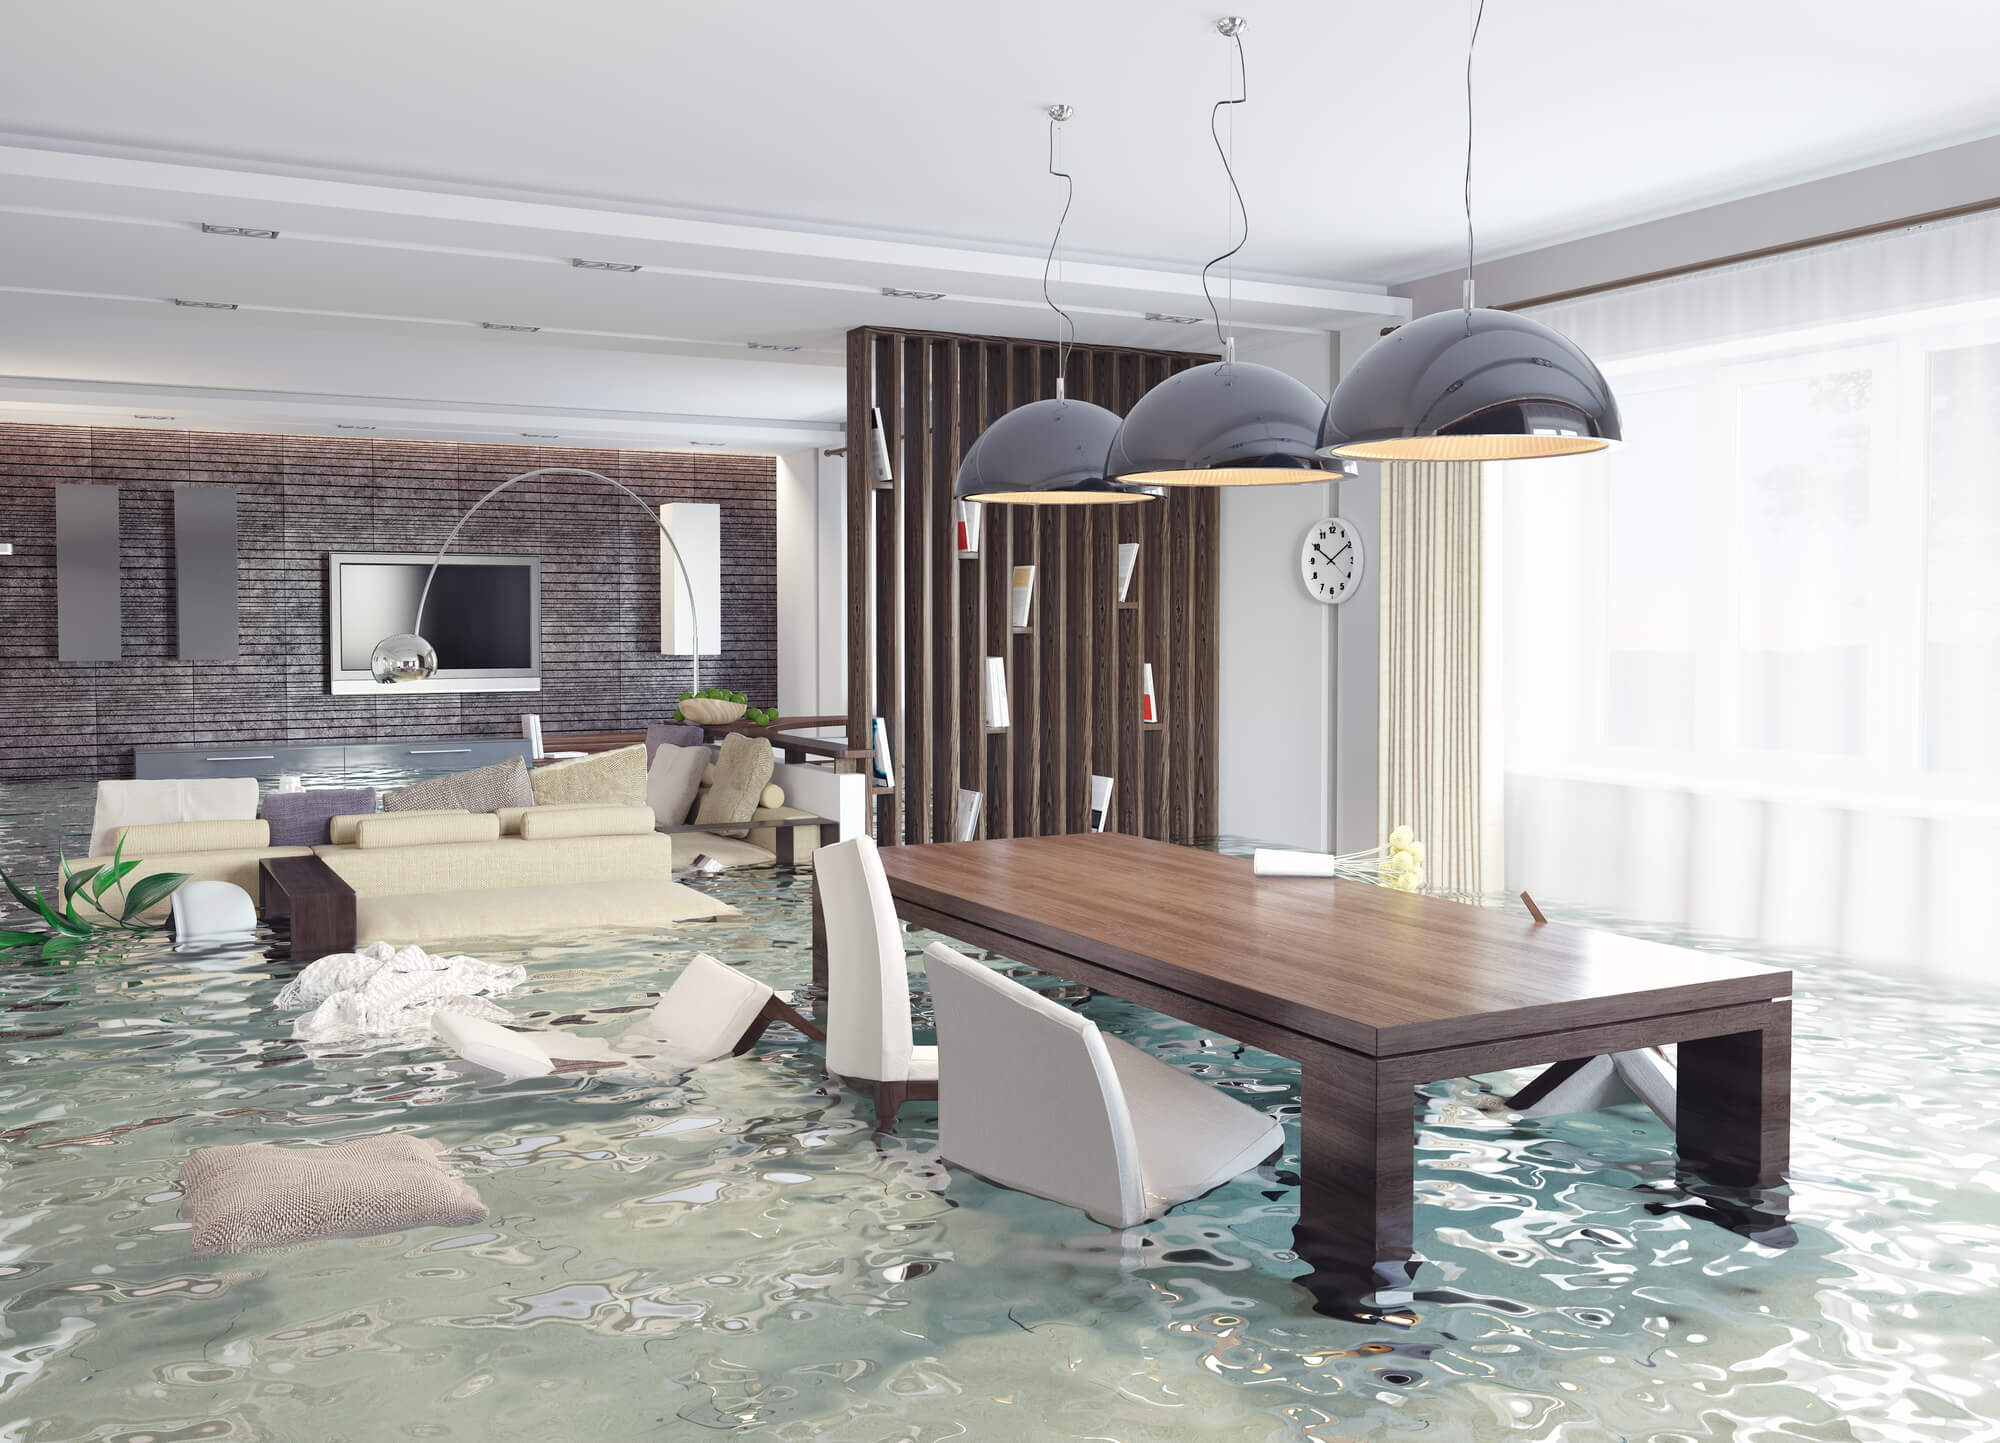 Ремонт квартир в Москве недорого, цены - Заказать ремонт